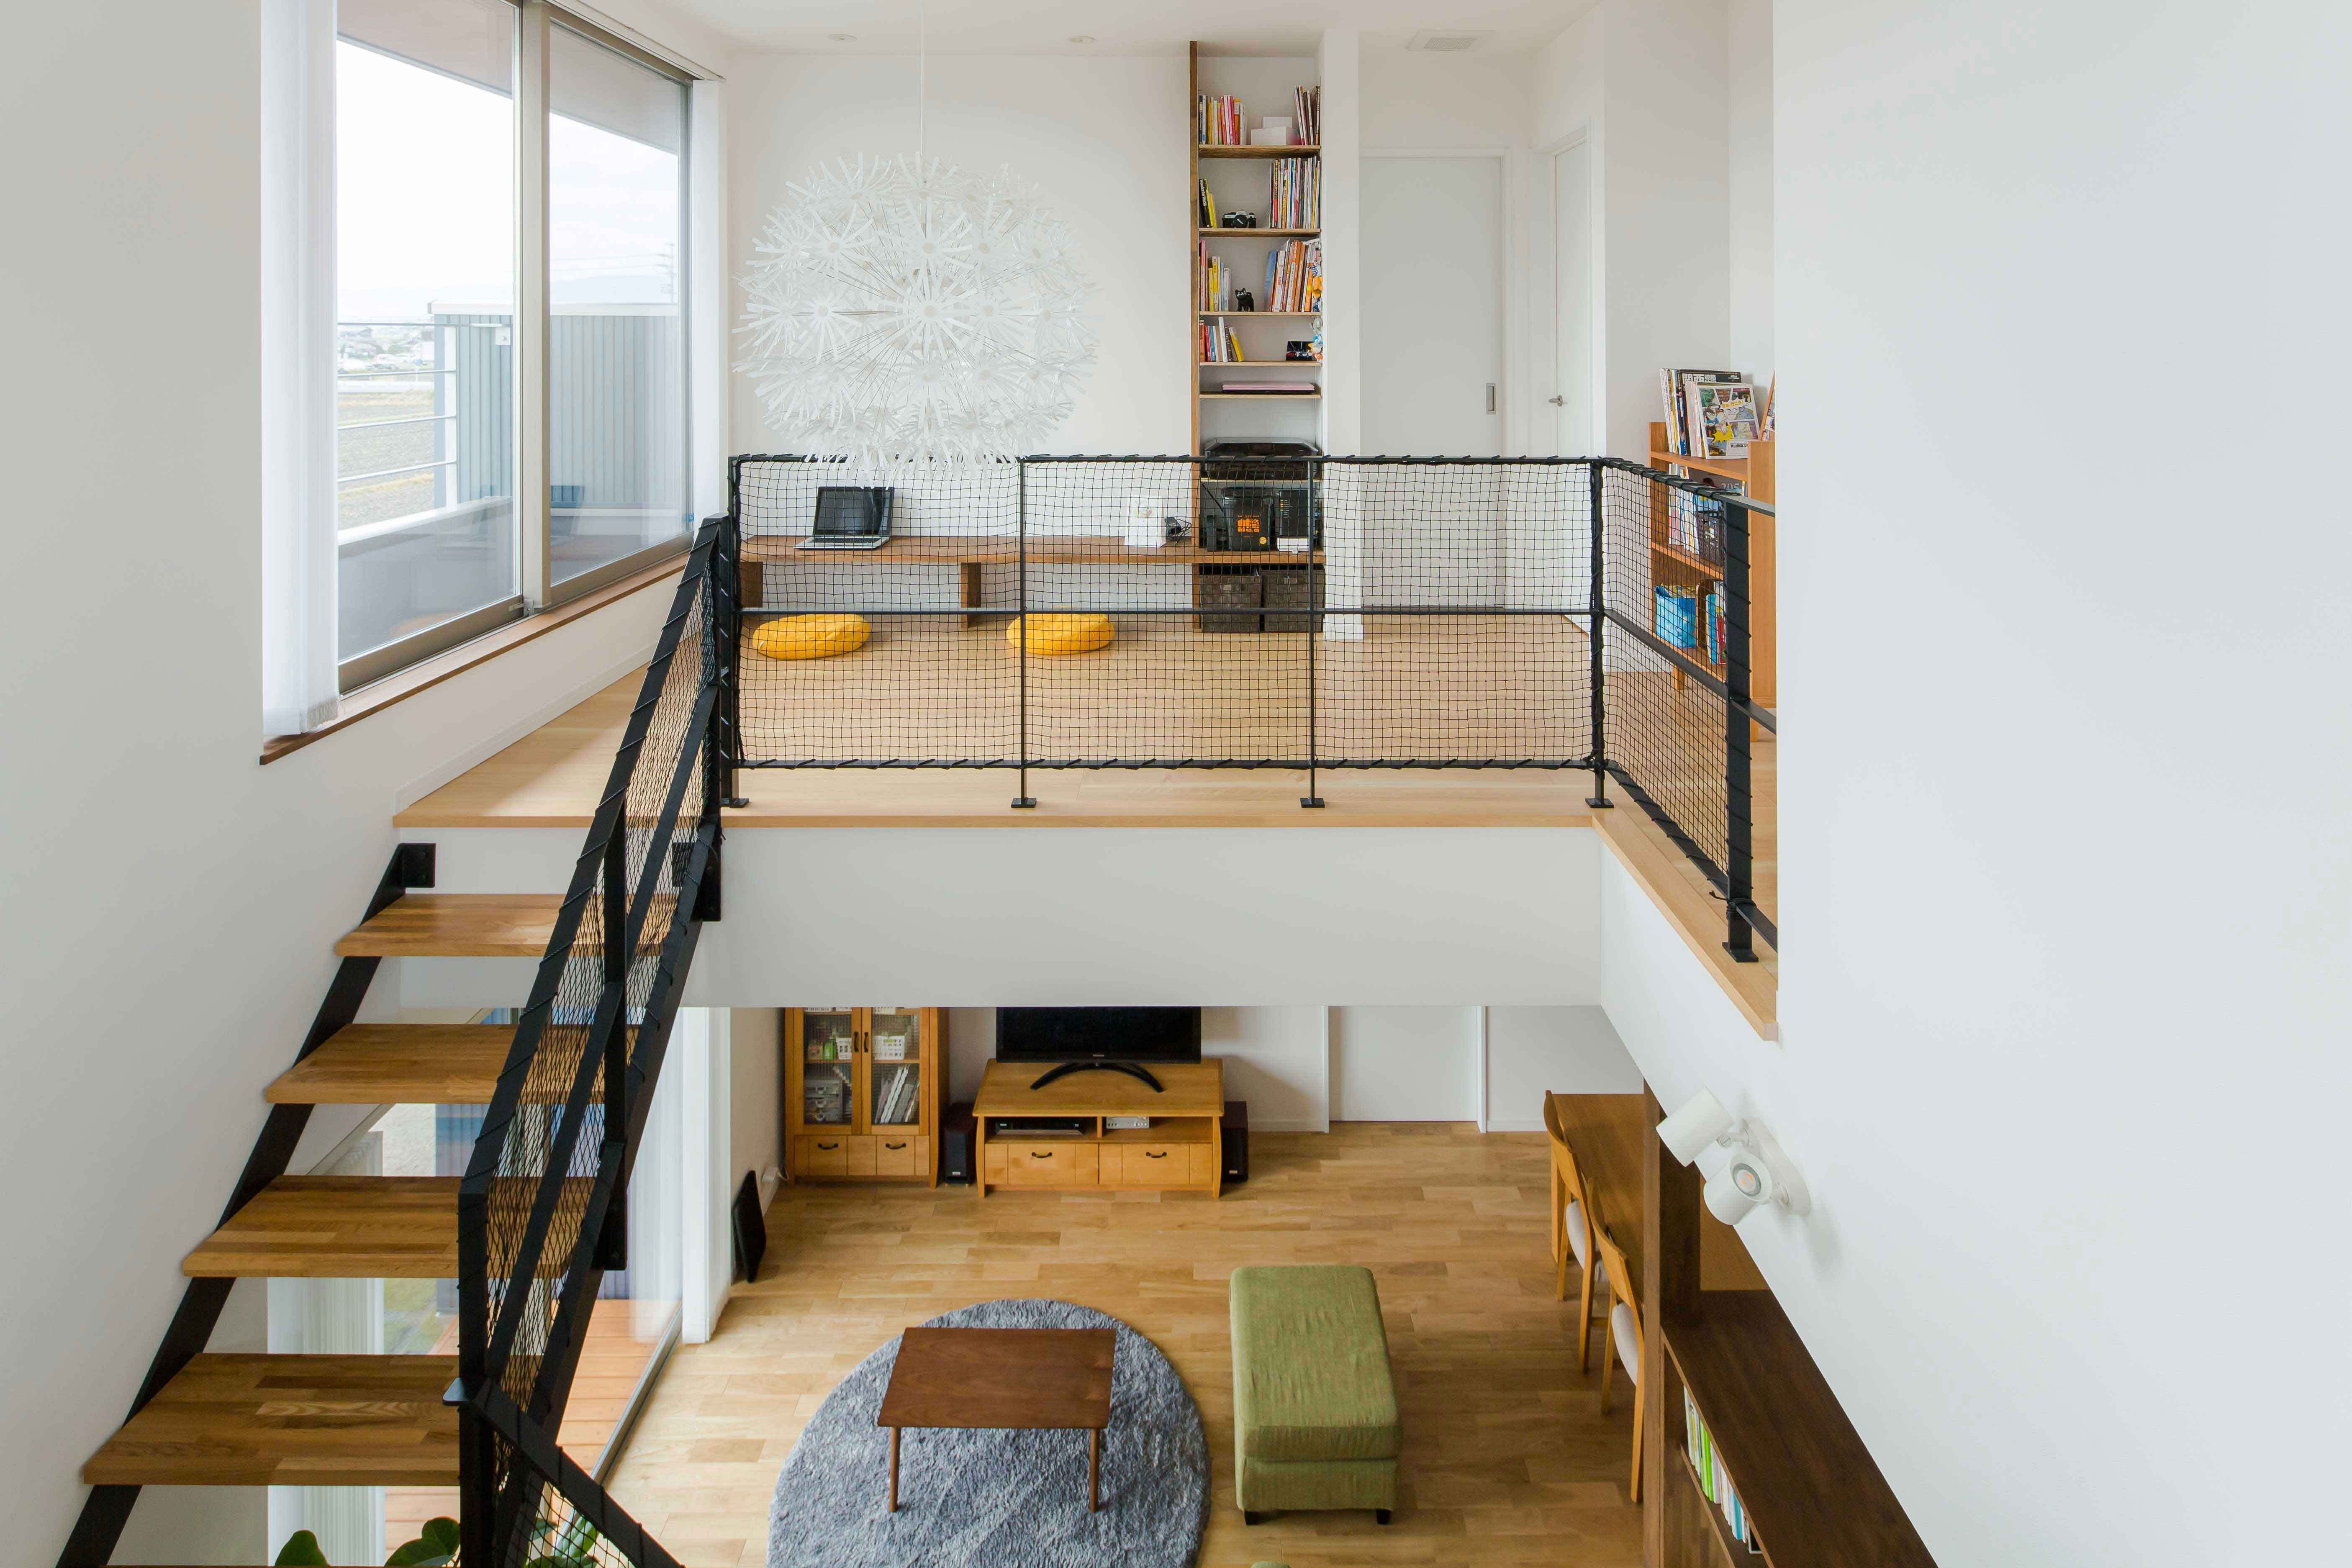 見晴らしのいい吹き抜けのある空間 ルポハウス 設計士とつくる家